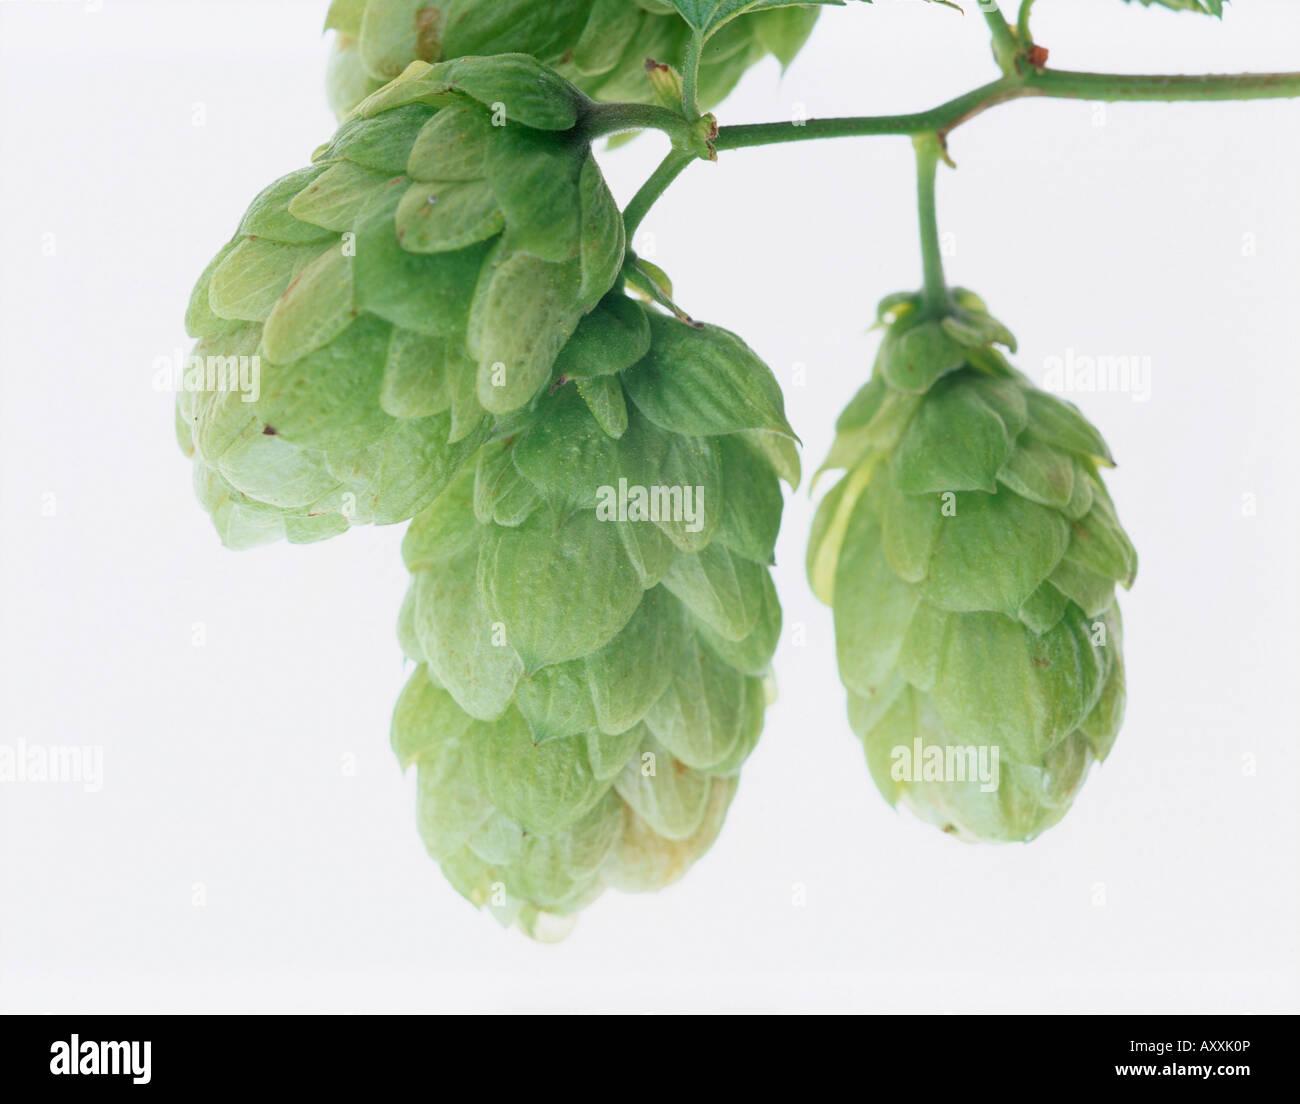 Hop, Humulus lupulus, Green, Humulus, lupulus - Stock Image